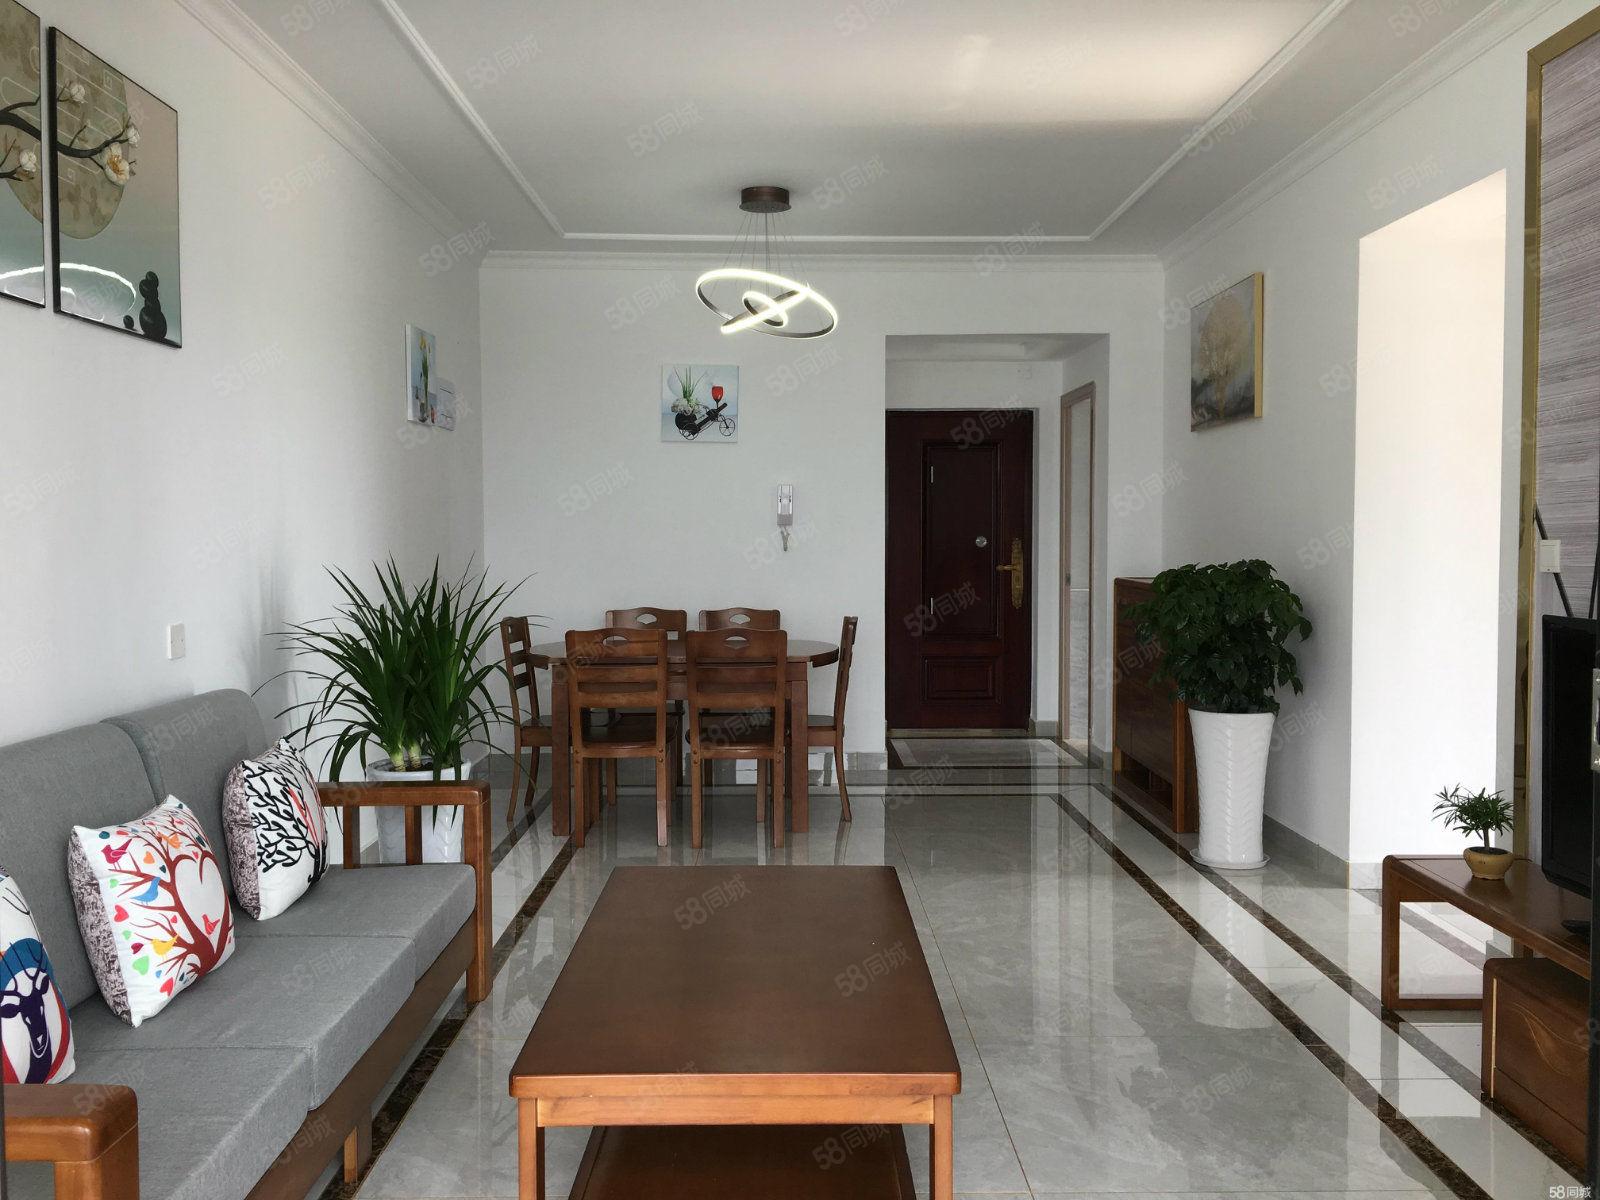 天台路附近小区两室家具家电齐全,拎包入住欢迎看房。